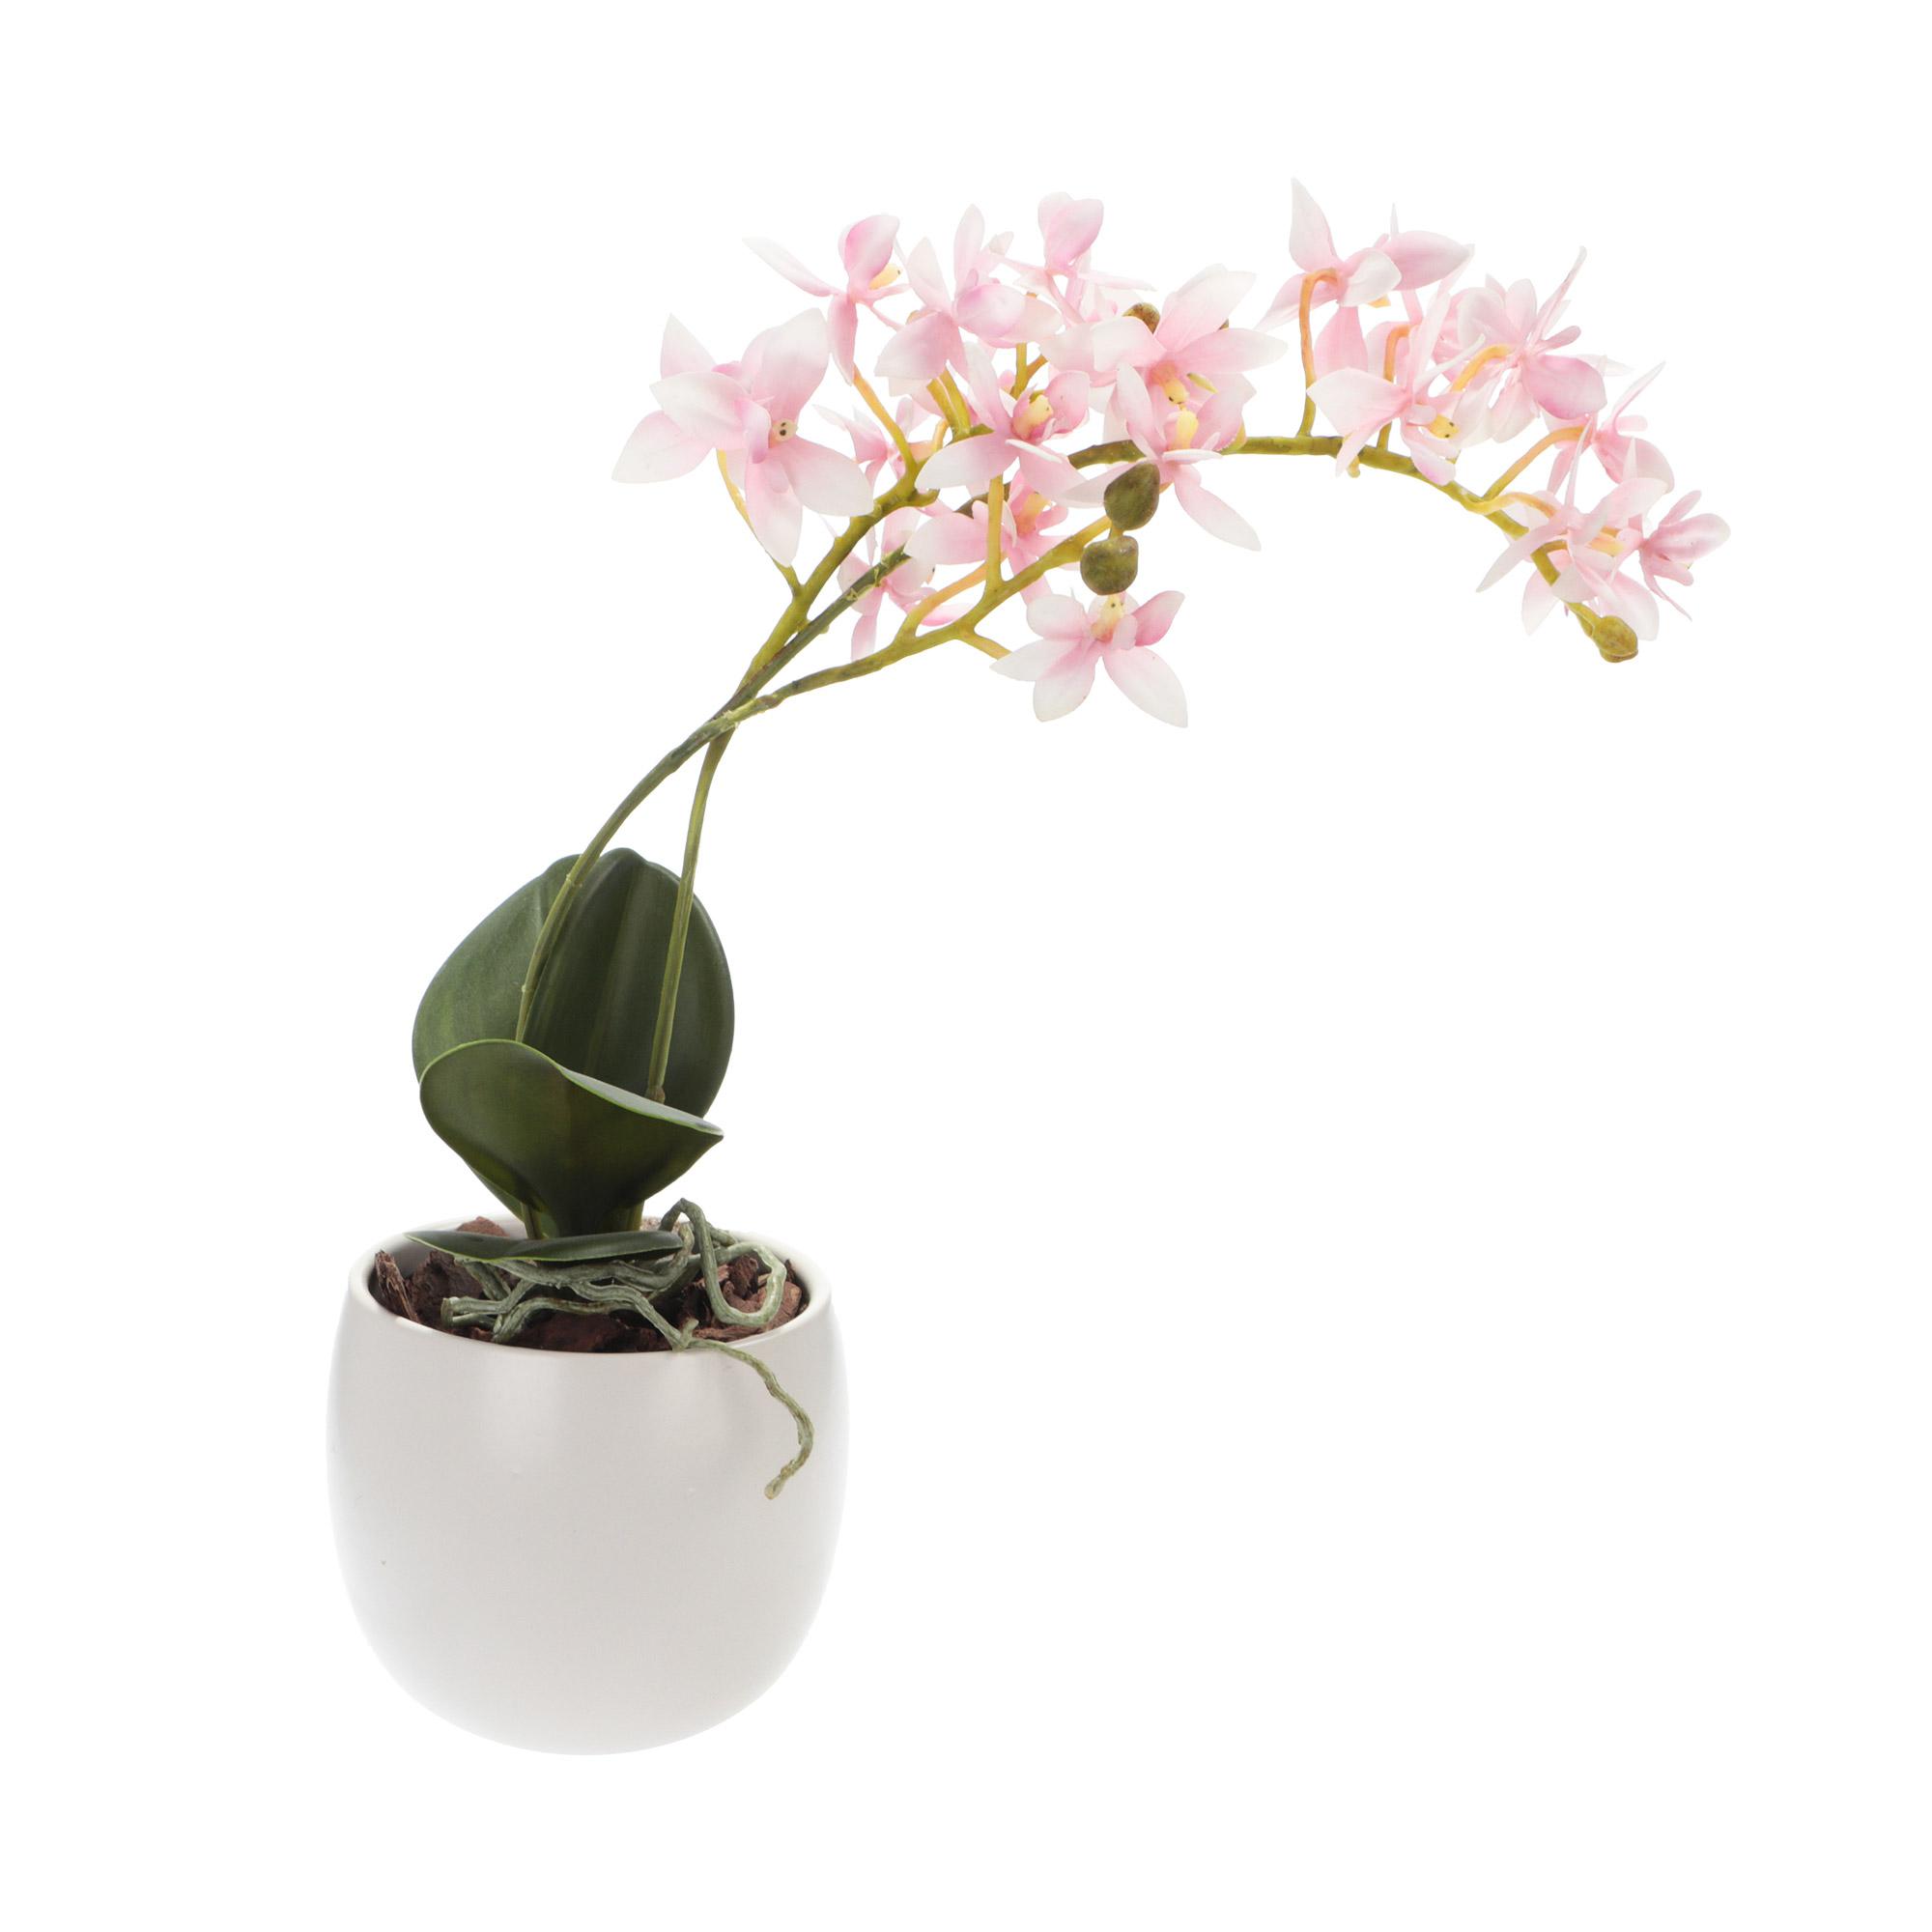 Растение искусственное Dpi орхидея в горшке 36см растение искусственное в горшке лаванда 30см